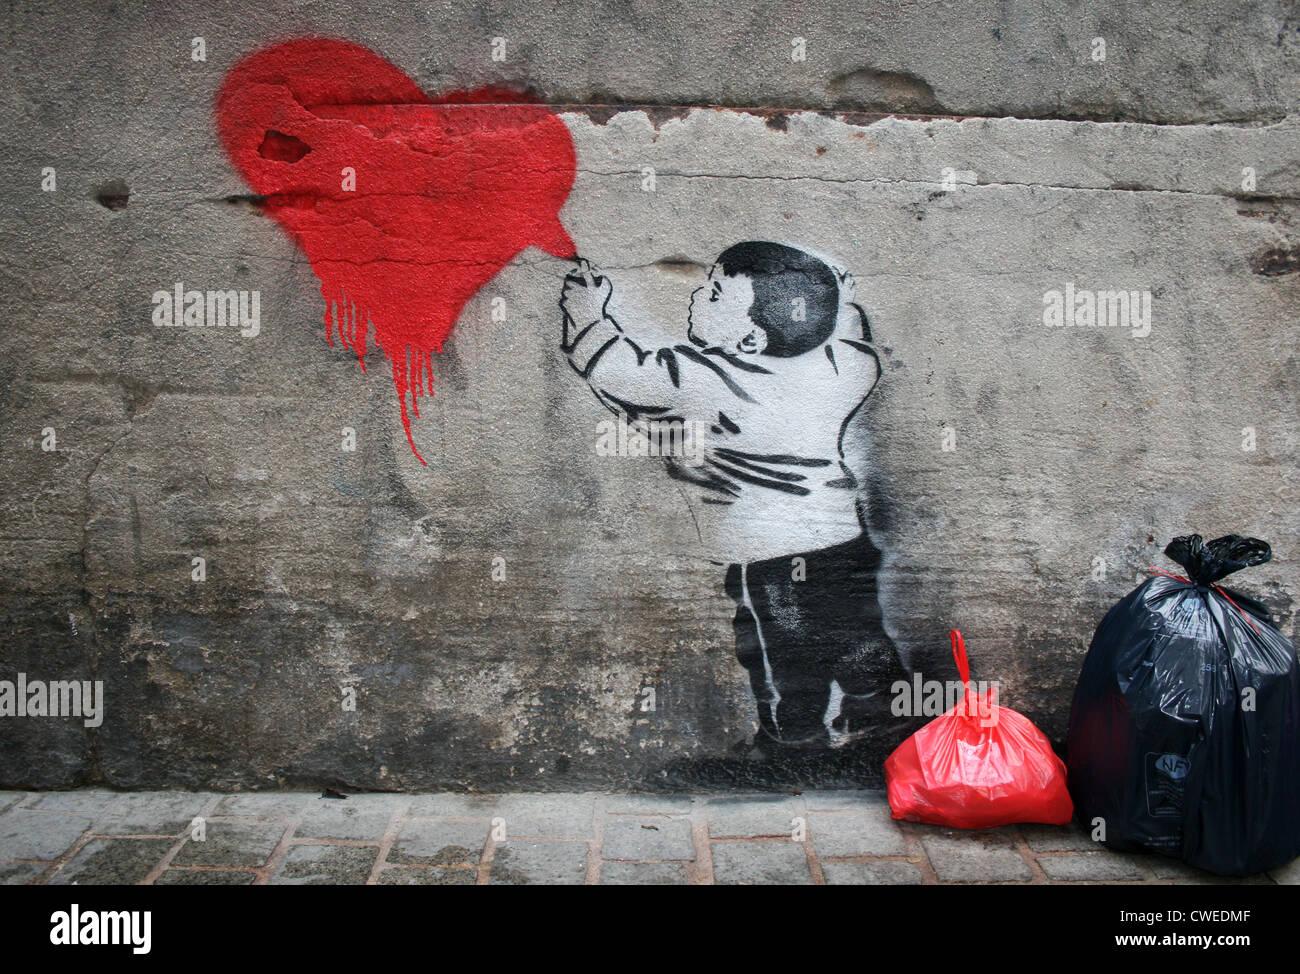 Corazón,rociando,graffiti,streetart Imagen De Stock